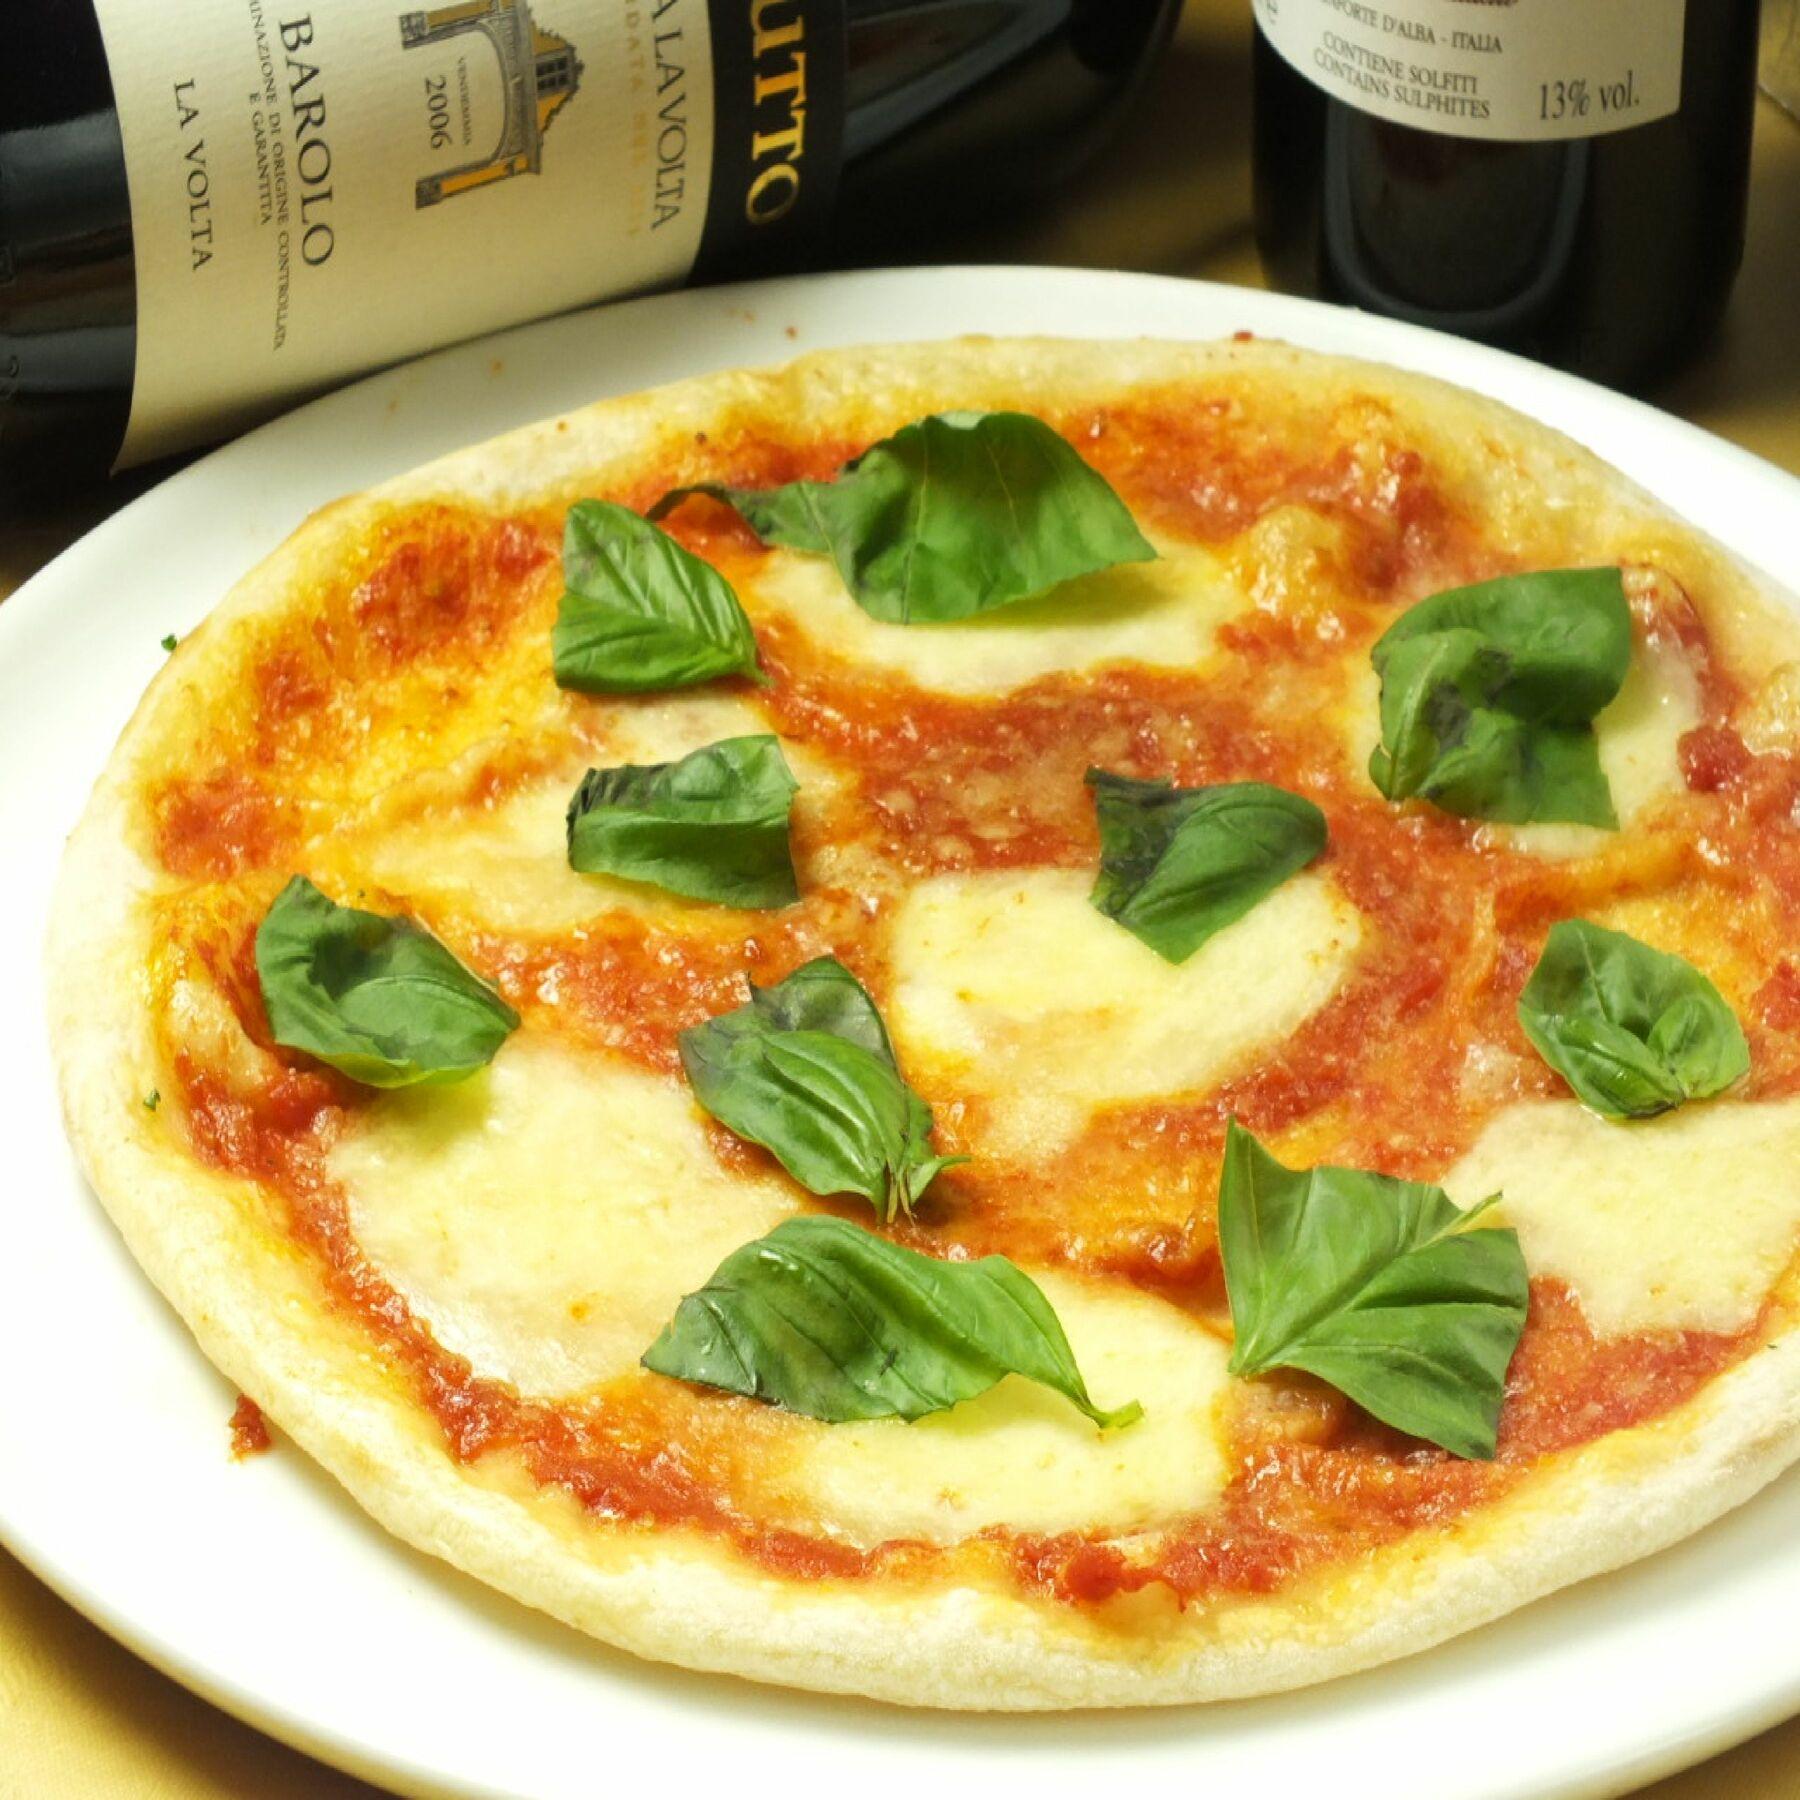 ナポリを代表するピッツァの王様!モッツァレラチーズとトマトの酸味とバジル香りが相性抜群